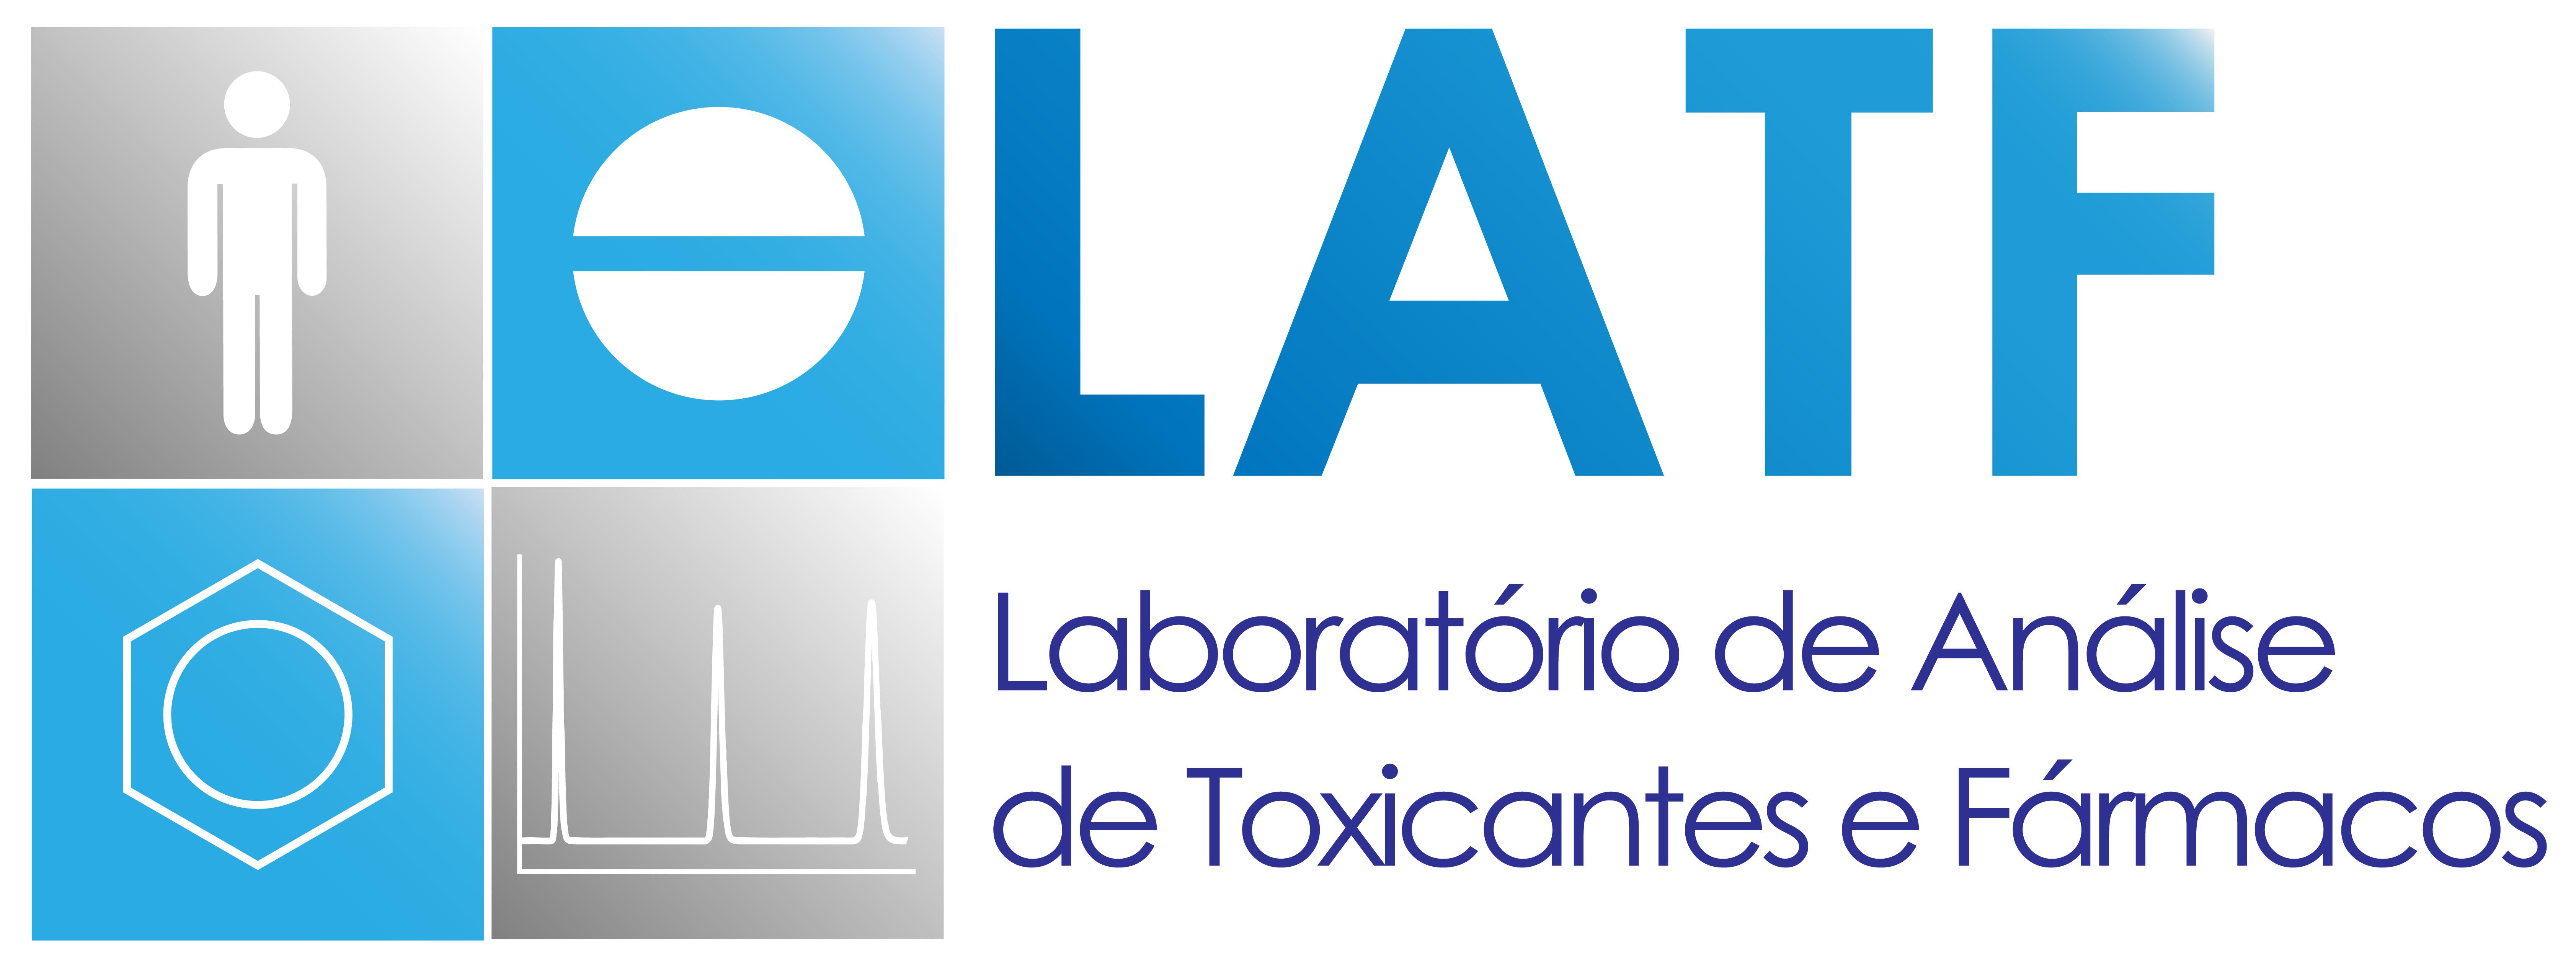 Laboratório de Análise de Toxicantes e Fármacos